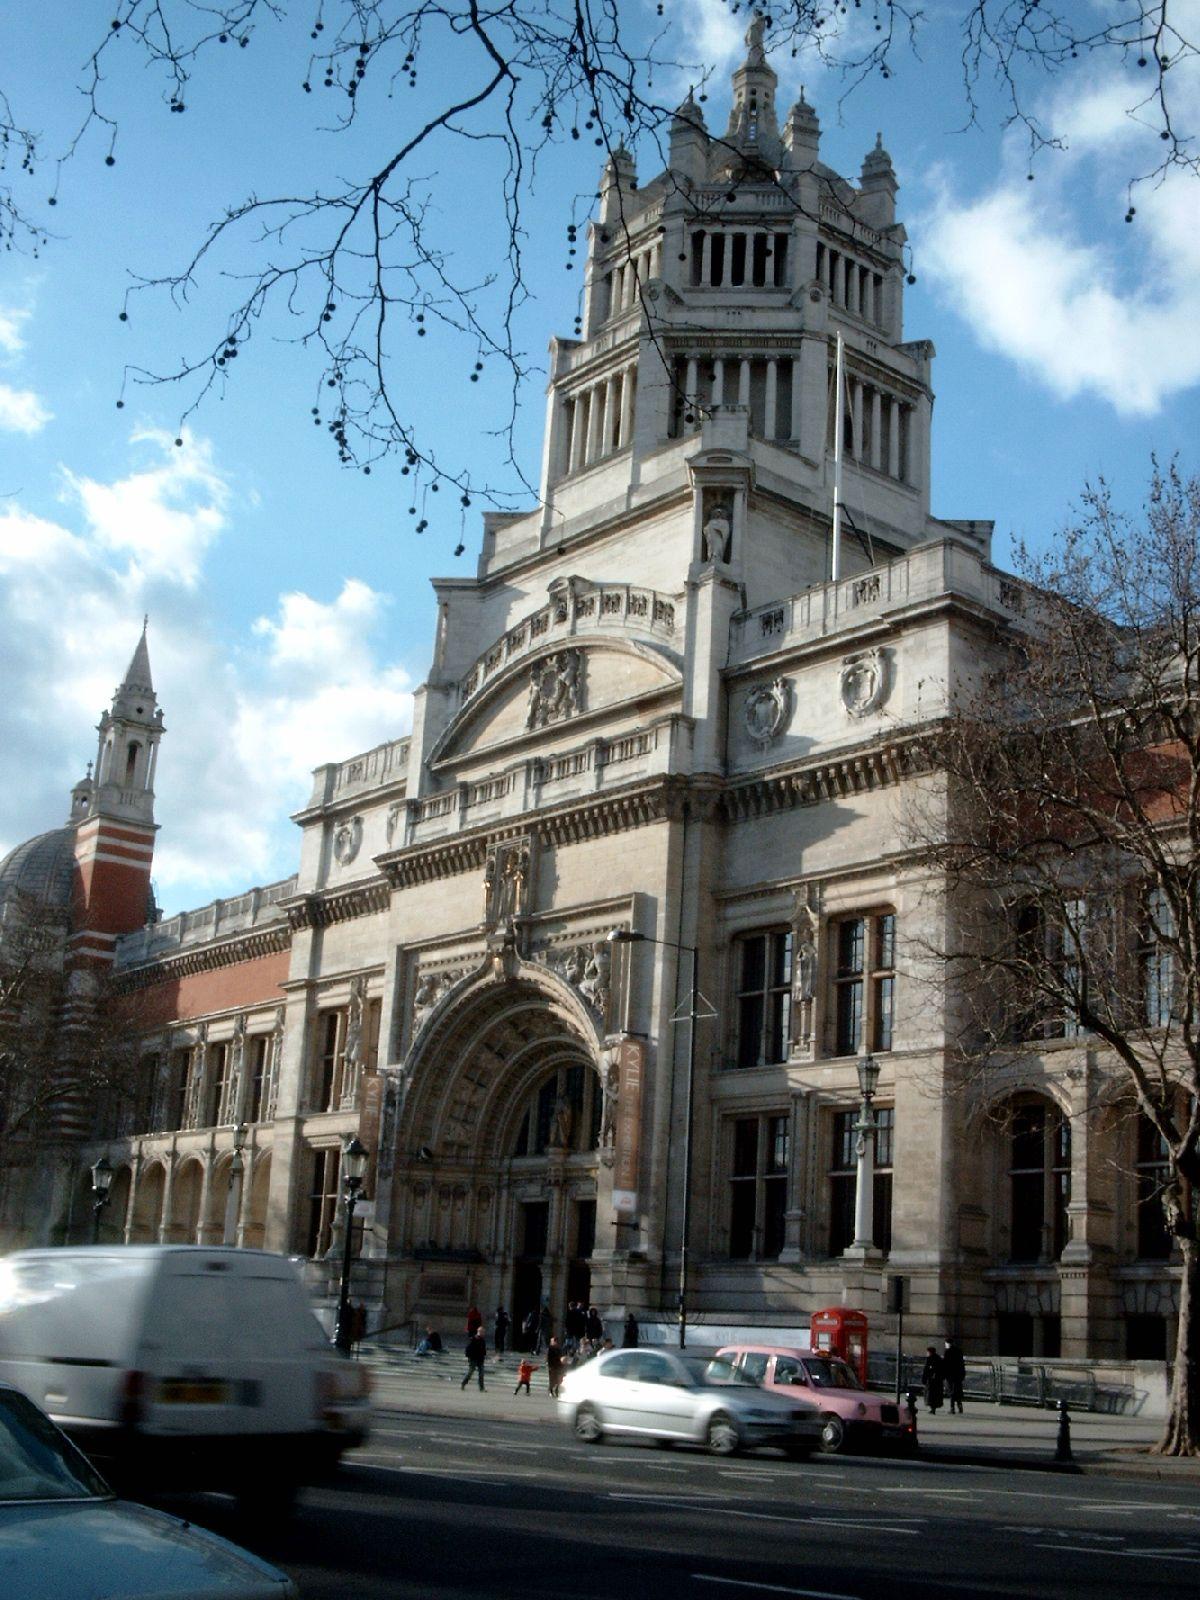 Victoria and Albert Museum. Foto met dank aan Wikimedia Commons, Wasily, CC0 1.0